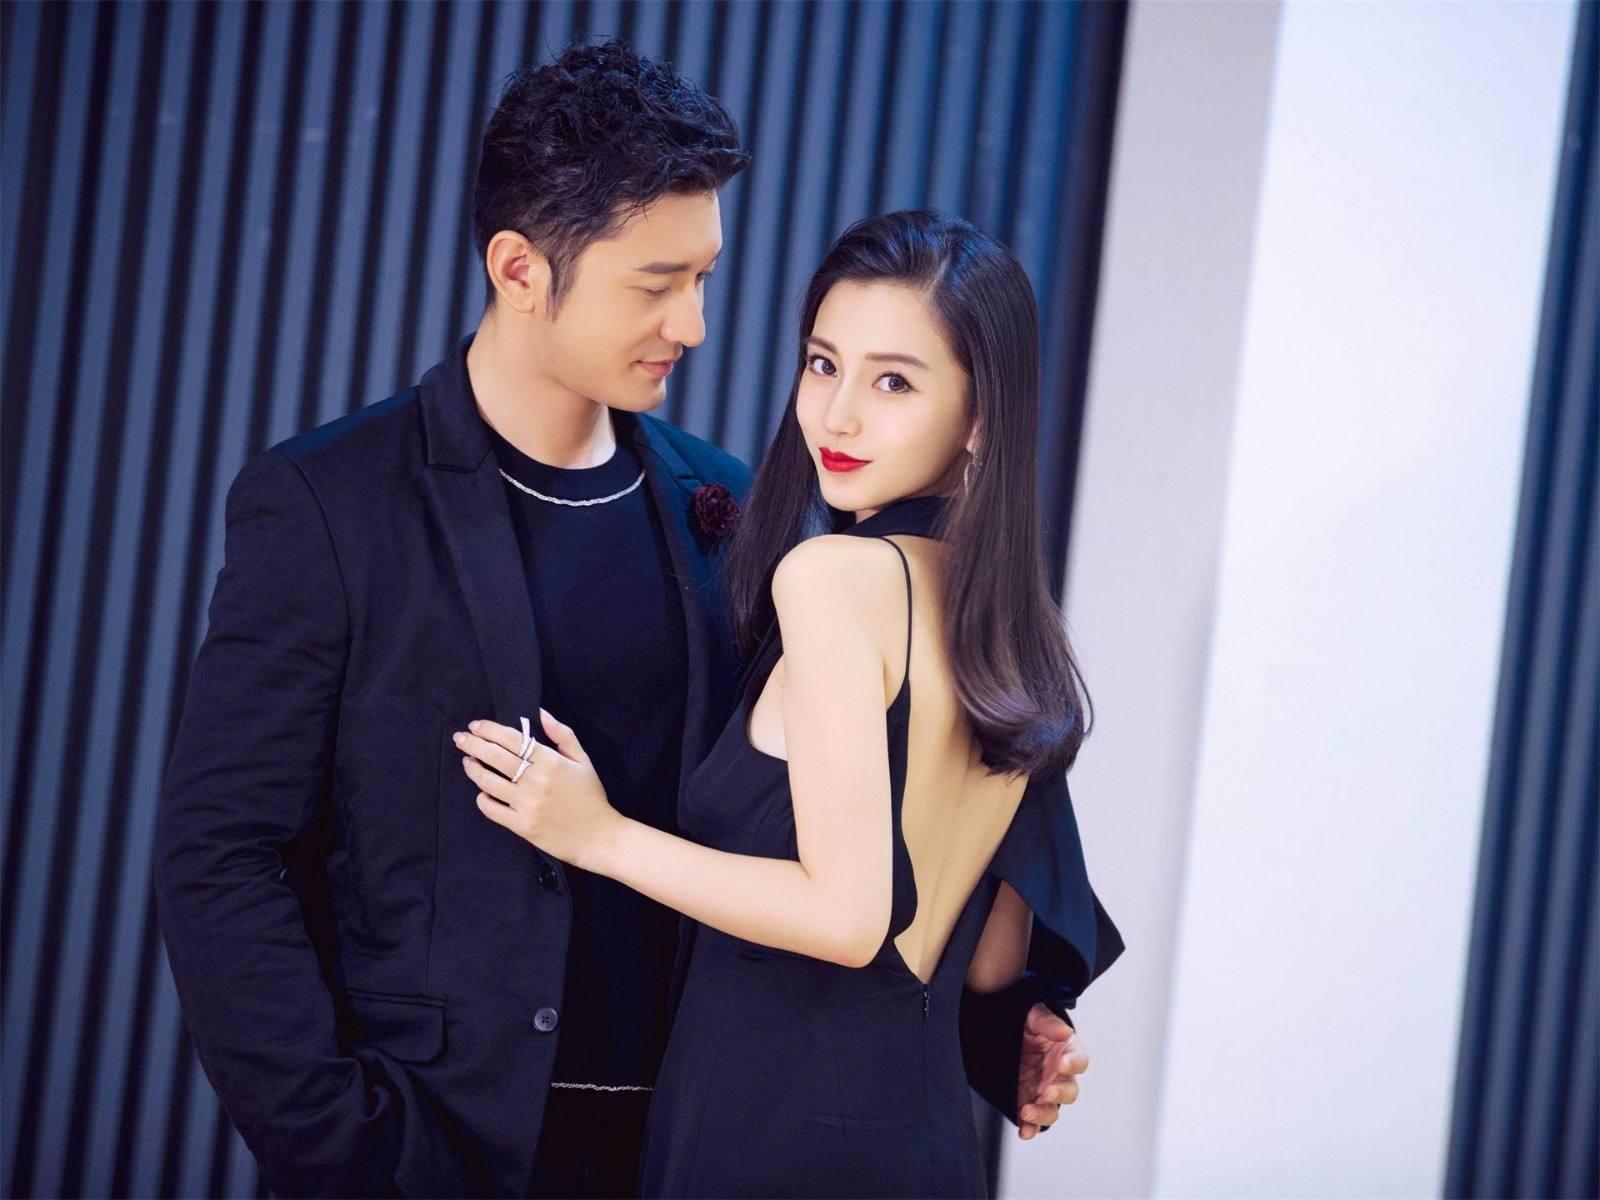 Chỉ bằng một hành động, Huỳnh Hiểu Minh xóa tan tin đồn hôn nhân rạn nứt